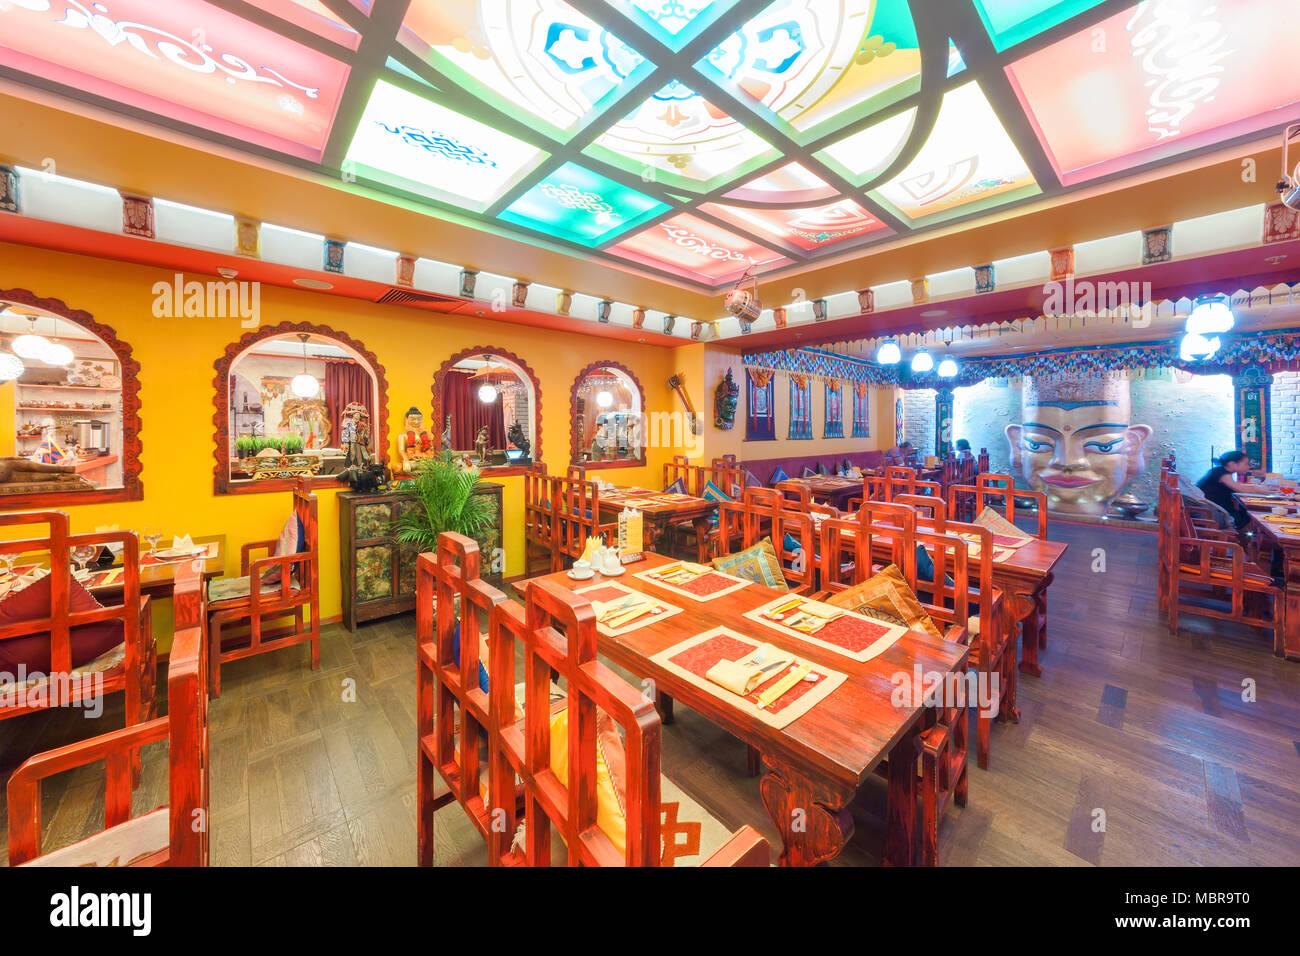 Fantastisch Kücheninterieur Fotos Indischen Stil Bilder   Ideen Für ..